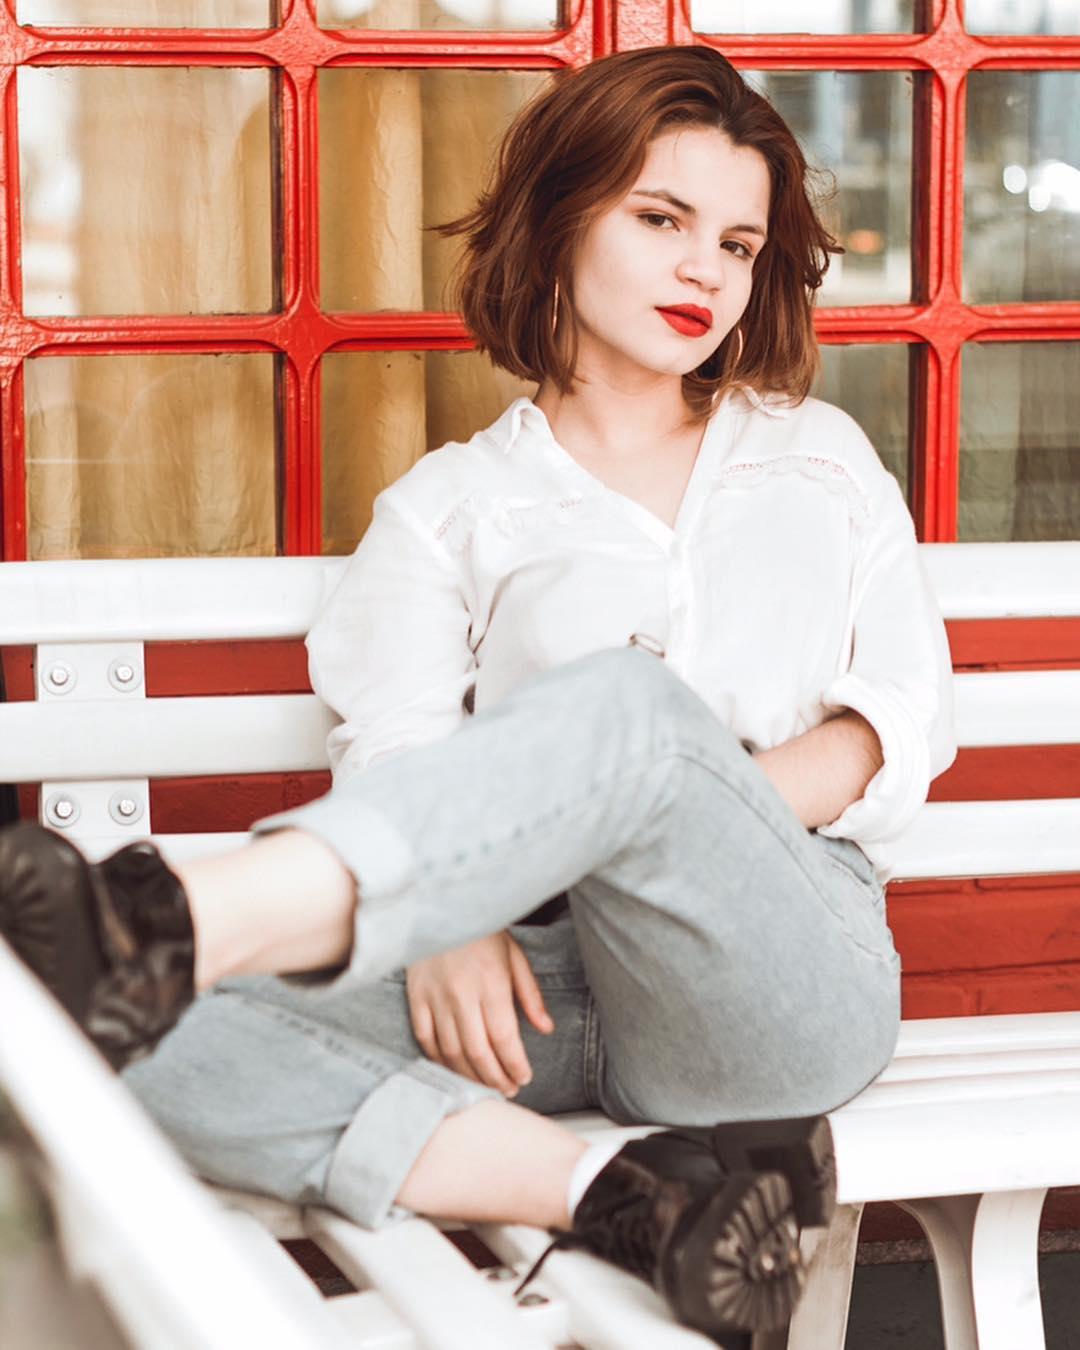 Чувственные портреты девушек от Карины Мартинс